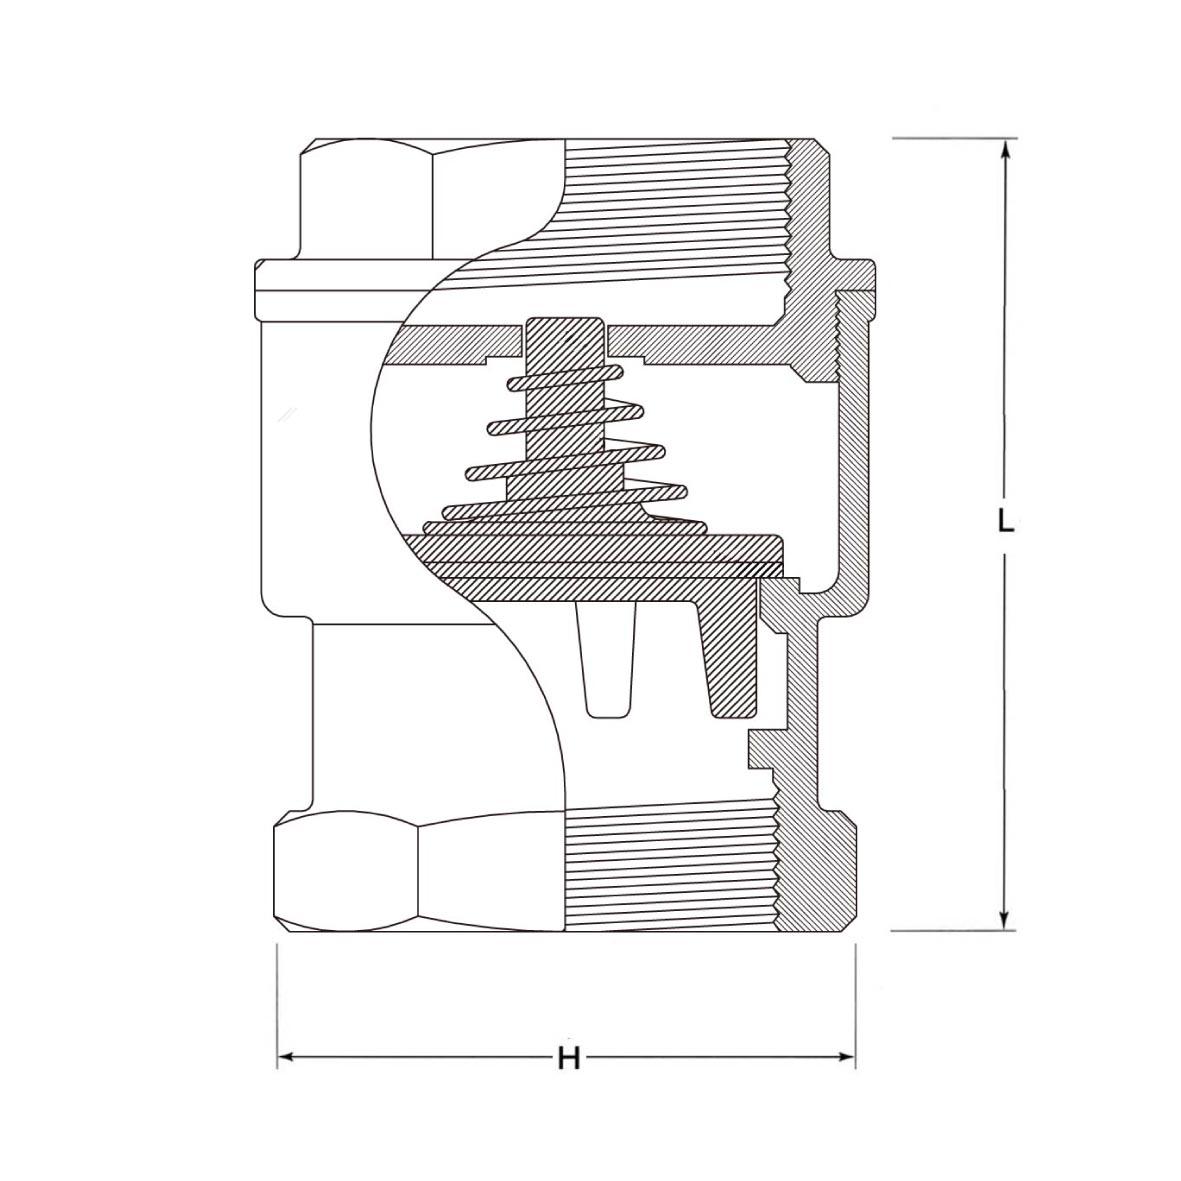 1411-blueprint